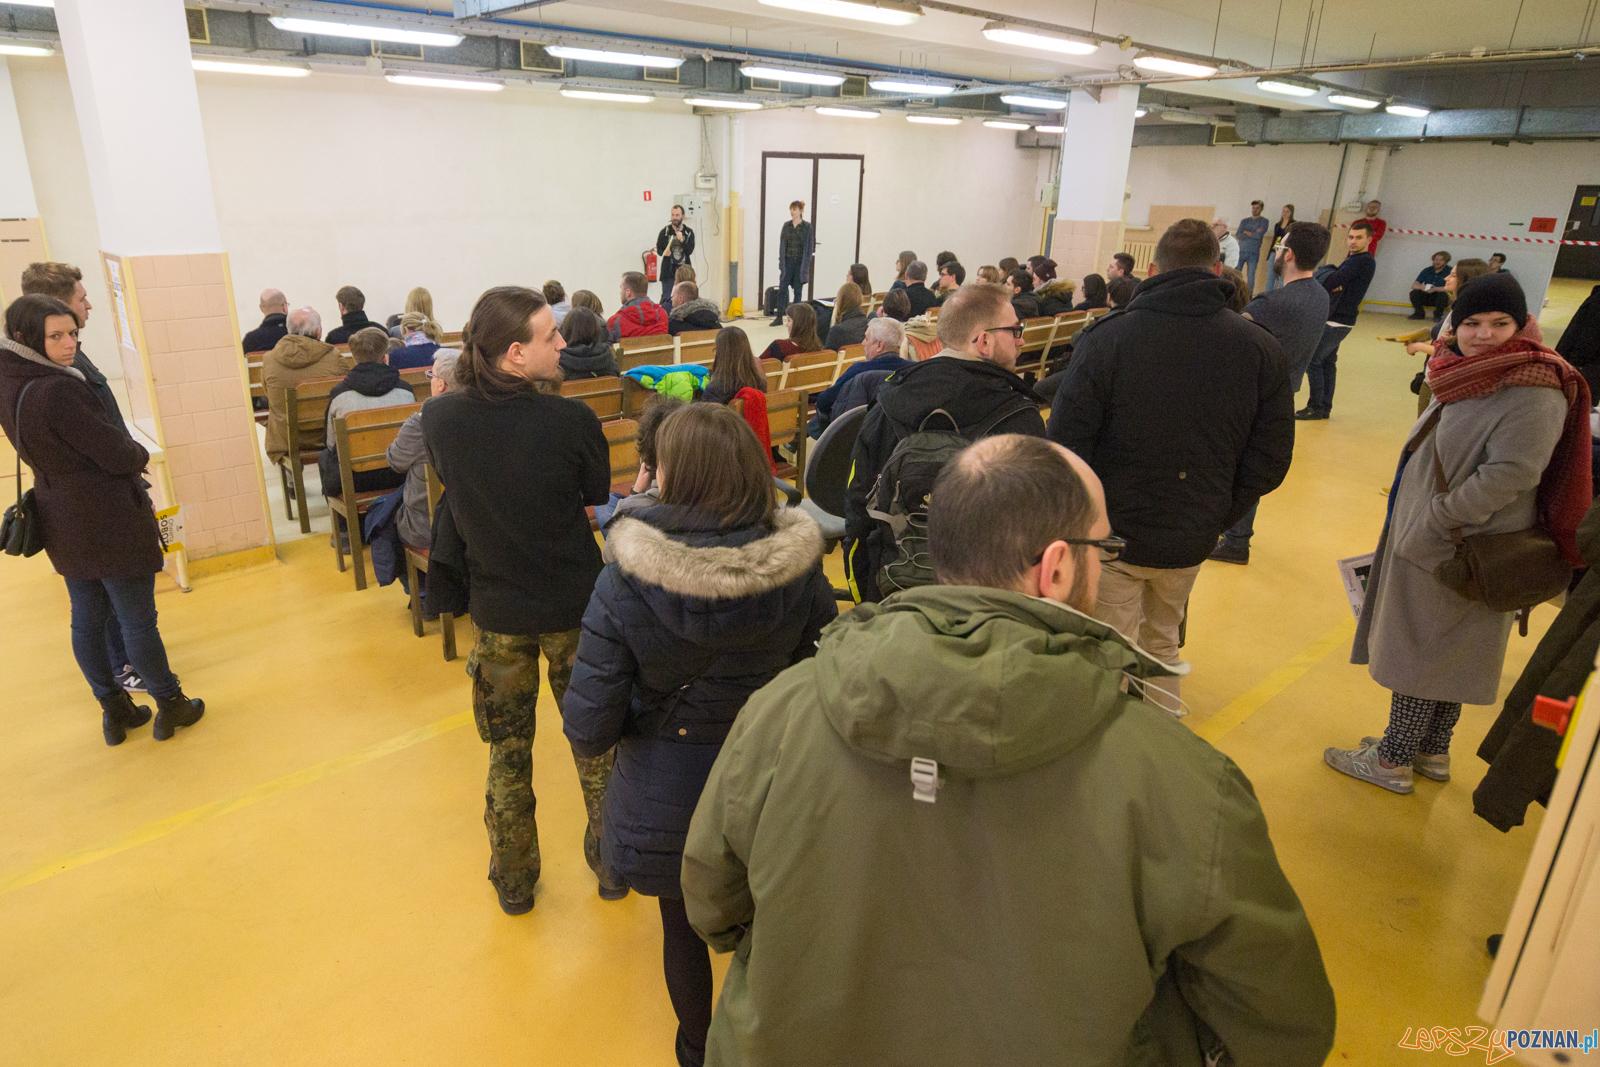 Zakład - pierwsza sobota (otwarcie)  Foto: lepszyPOZNAN.pl/Piotr Rychter